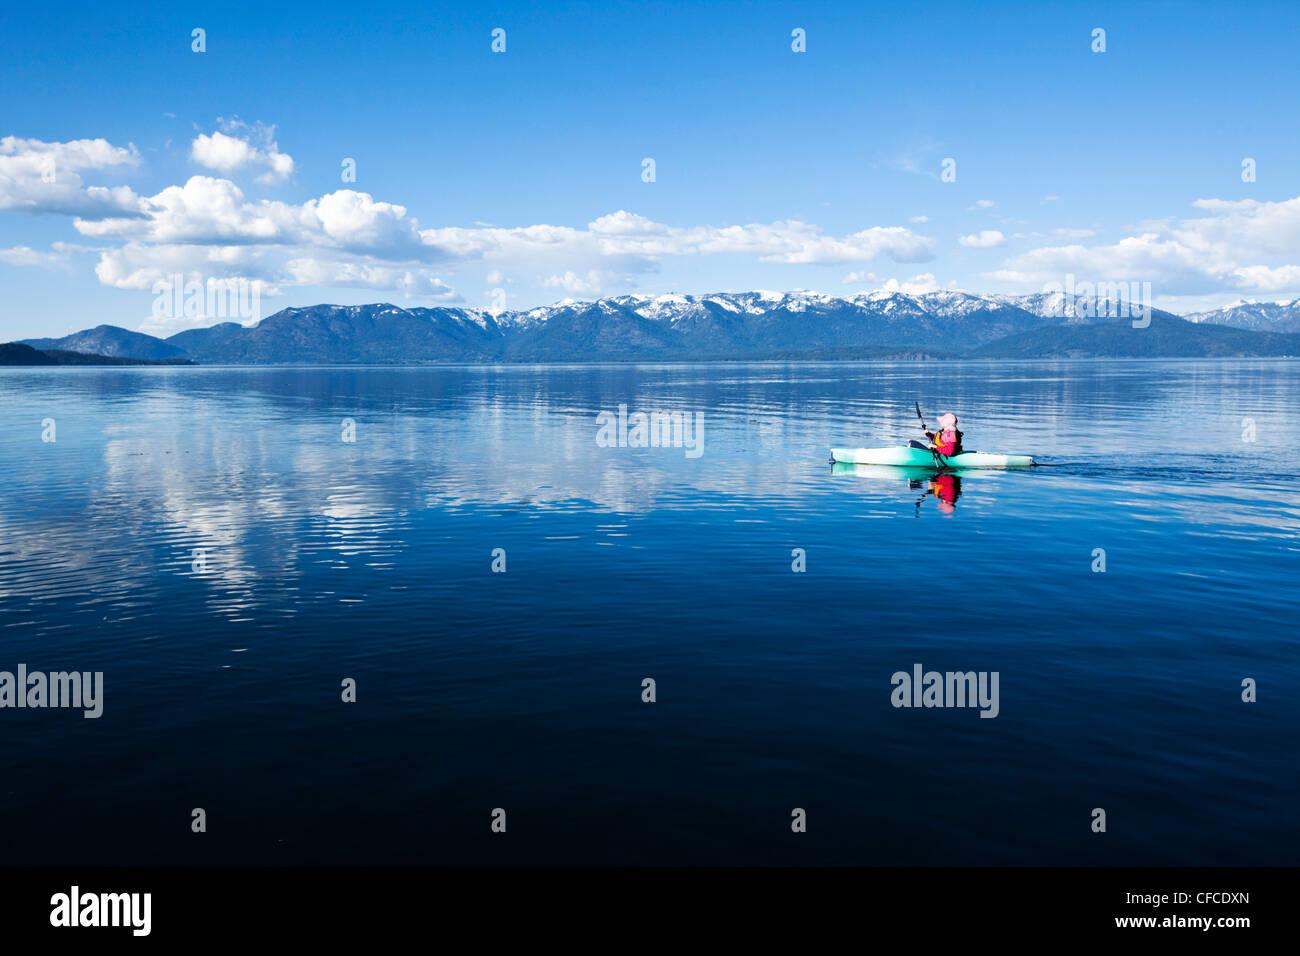 Une aventure en kayak à travers une énorme femme lac calme dans l'Idaho. Photo Stock